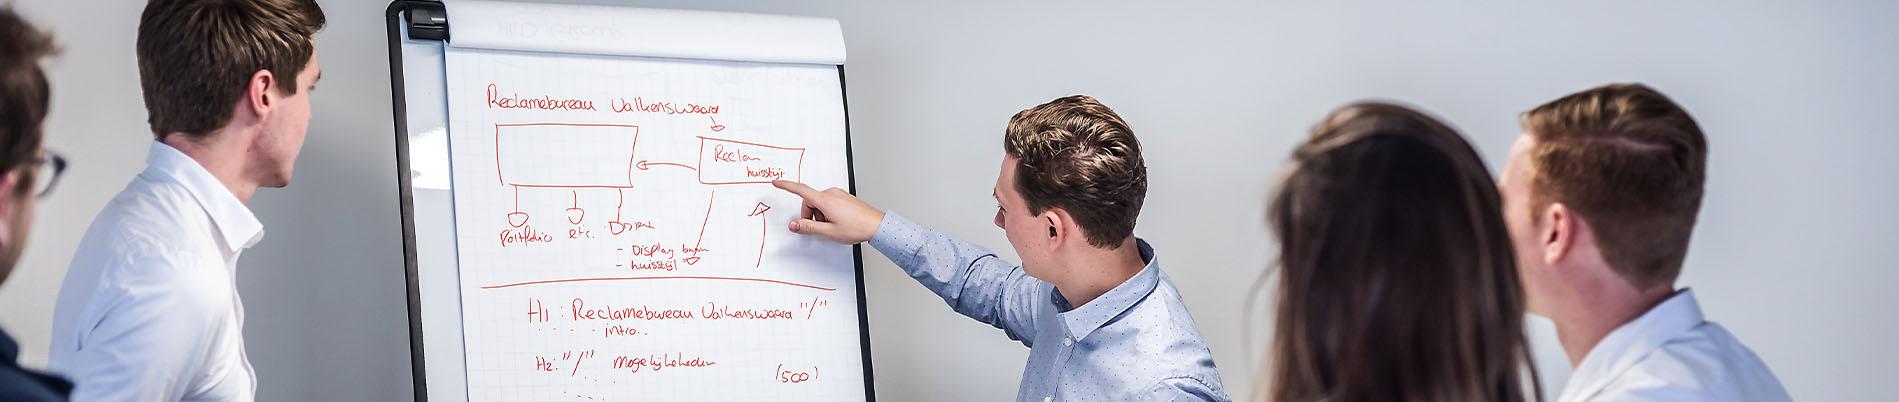 We helpen je graag met het opzetten van een online marketing plan.